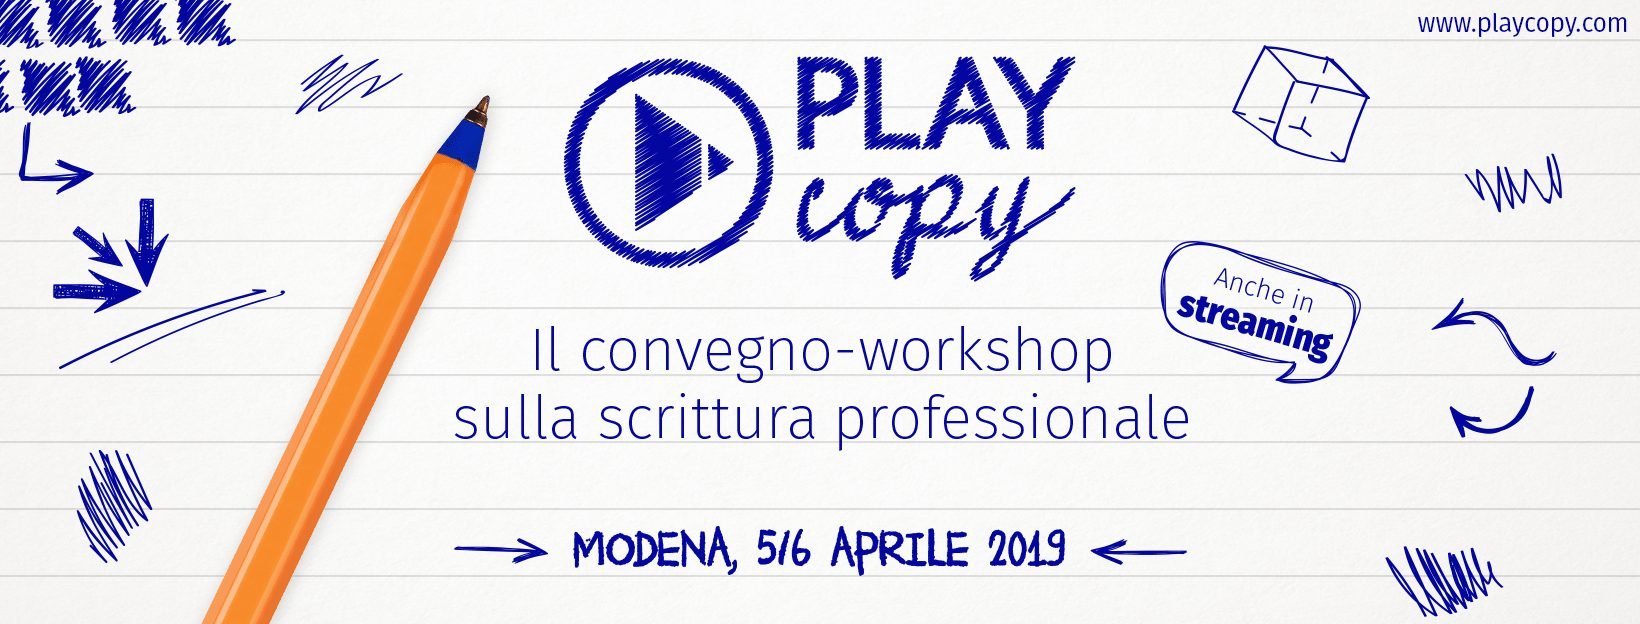 Play Copy 2019: torna il convegno dedicato alla scrittura professionale, con tante buone nuove!